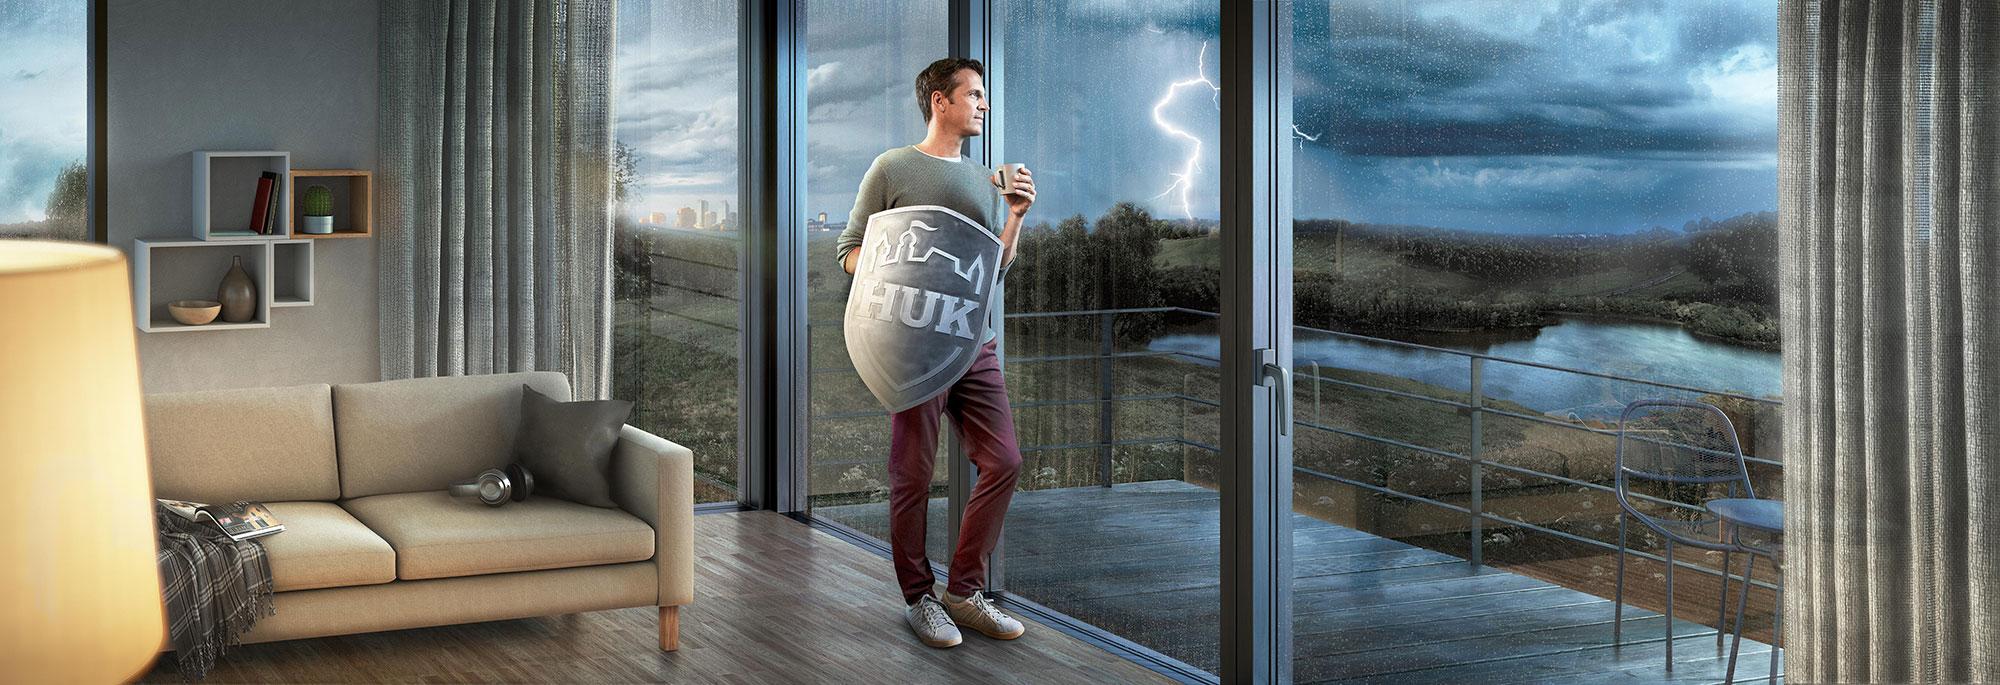 CGI Rendering 3d HUK Versicherung Landschaft Landscape Interior Apartment Unwetter Gewitter Regen Blitz Idris Kolodziej